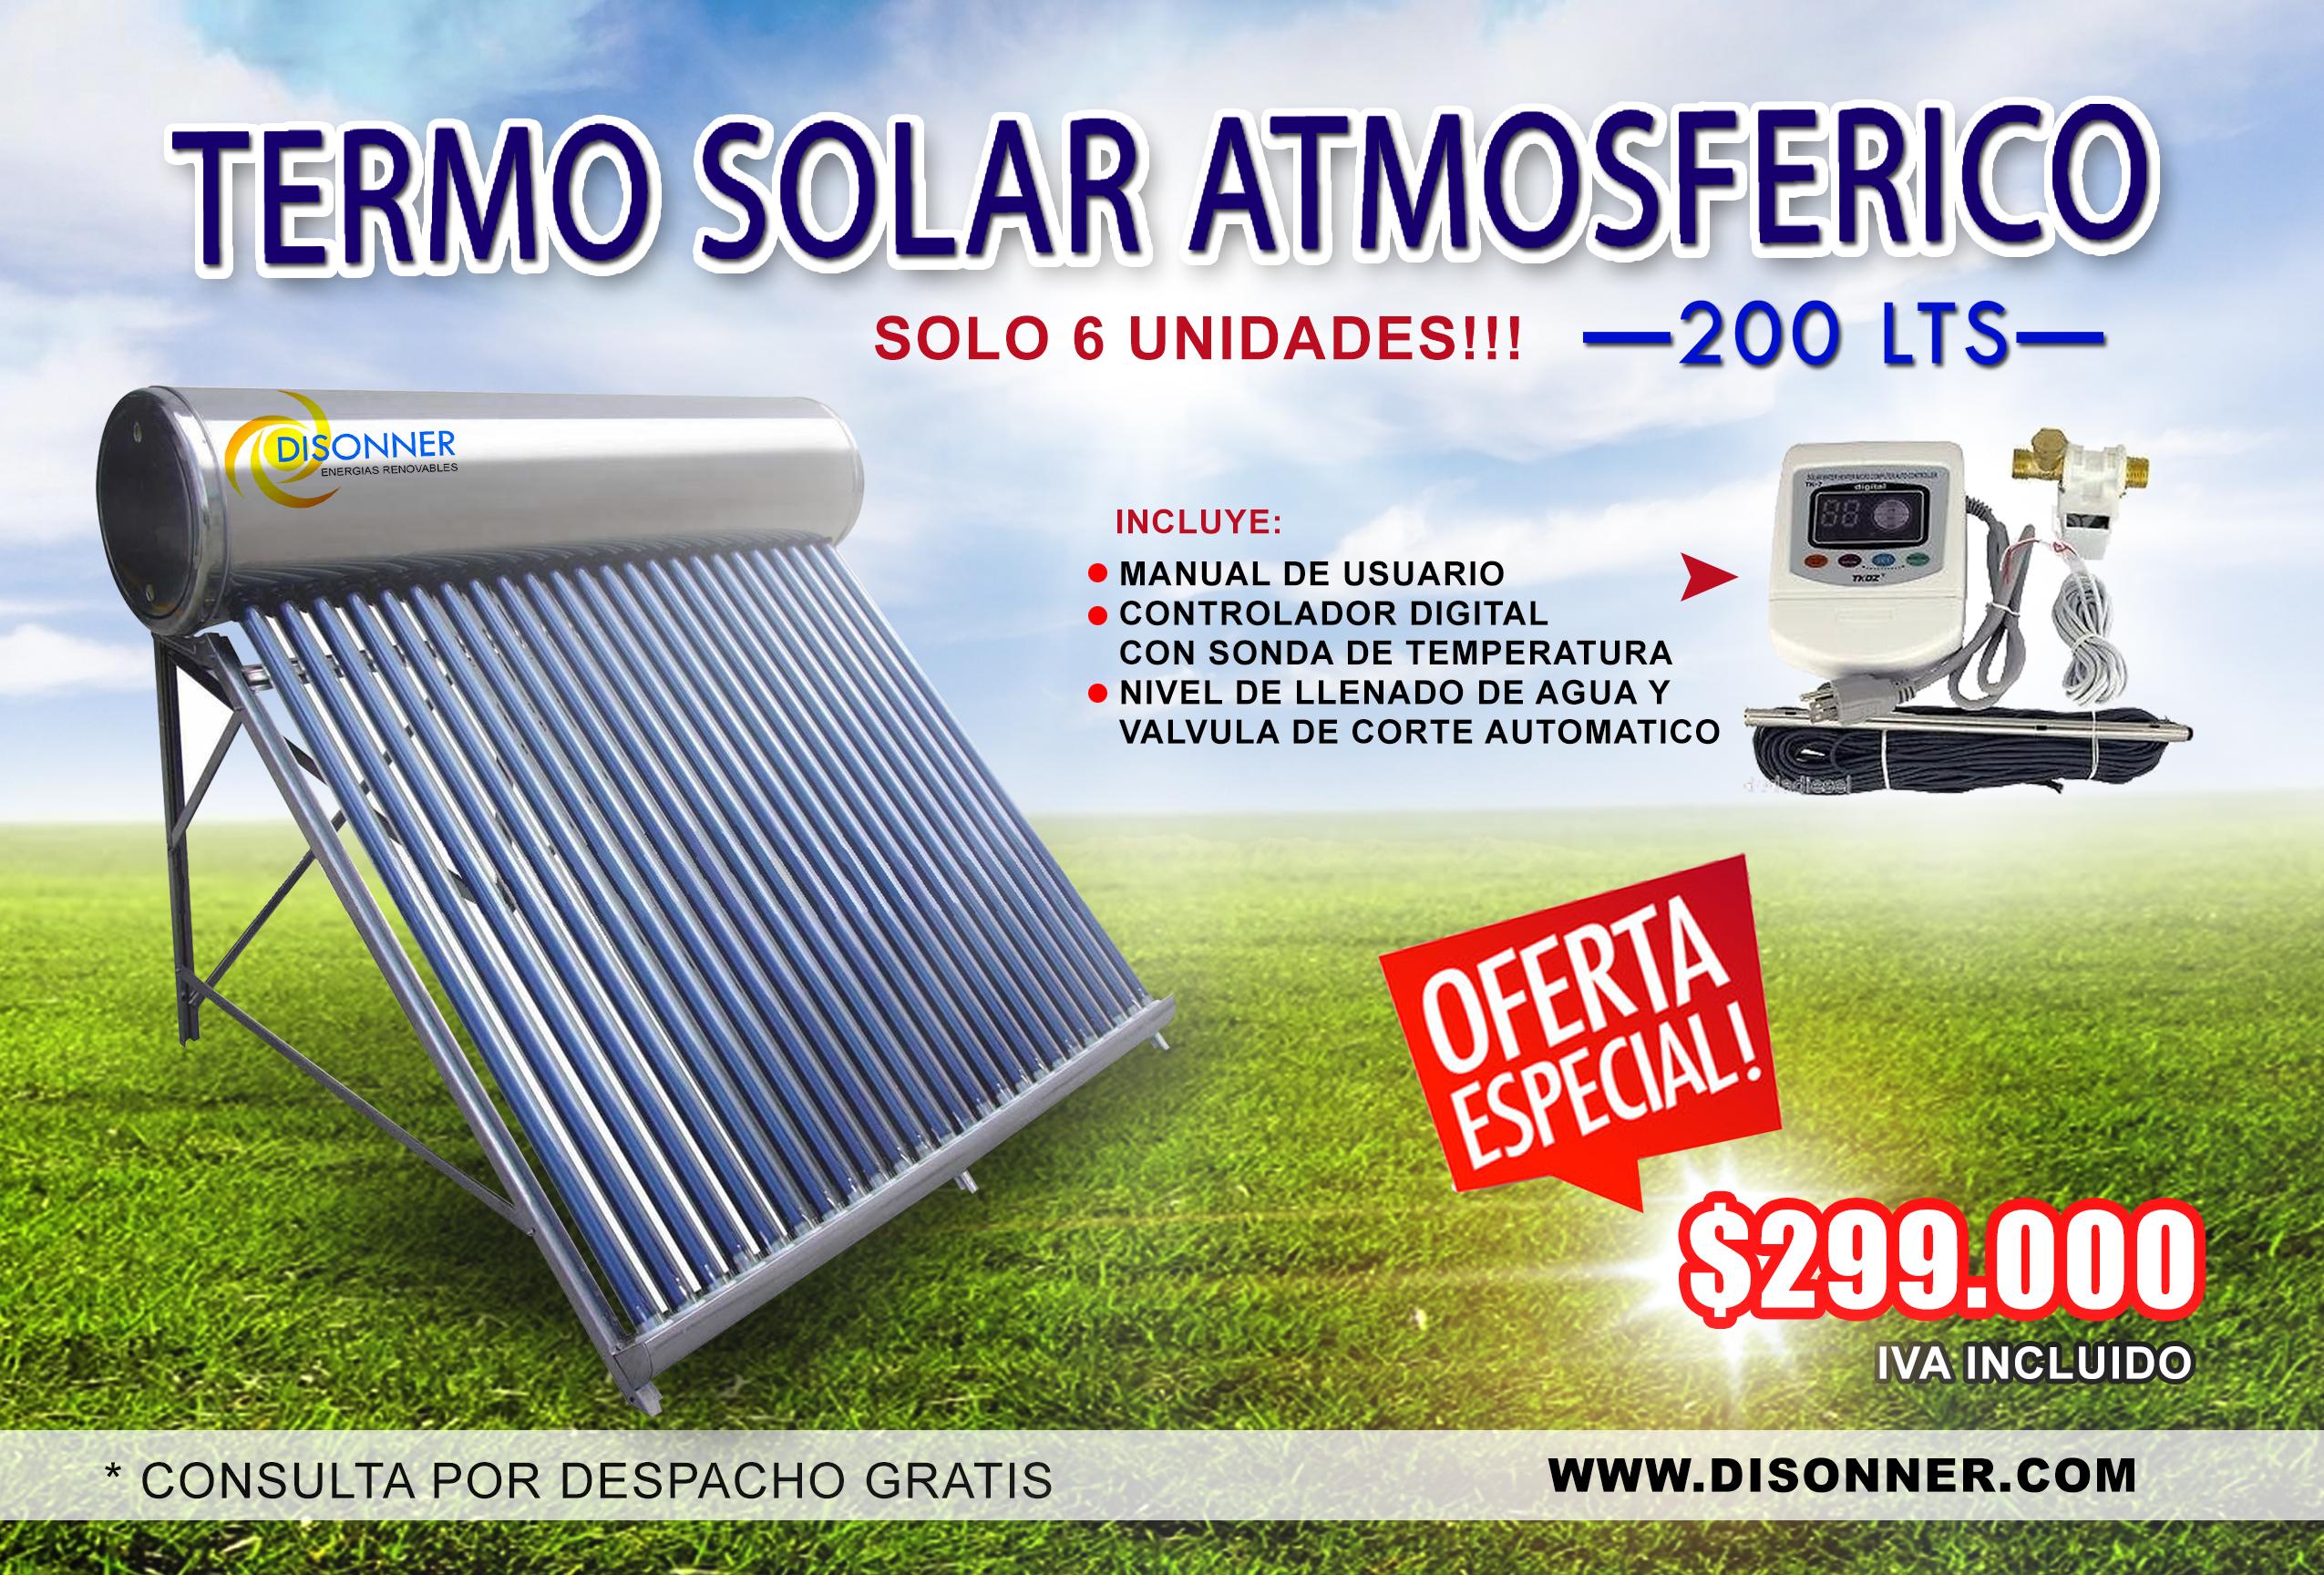 Termosolar atmosferico con accesorios 200lts disonner for Termo solar precio